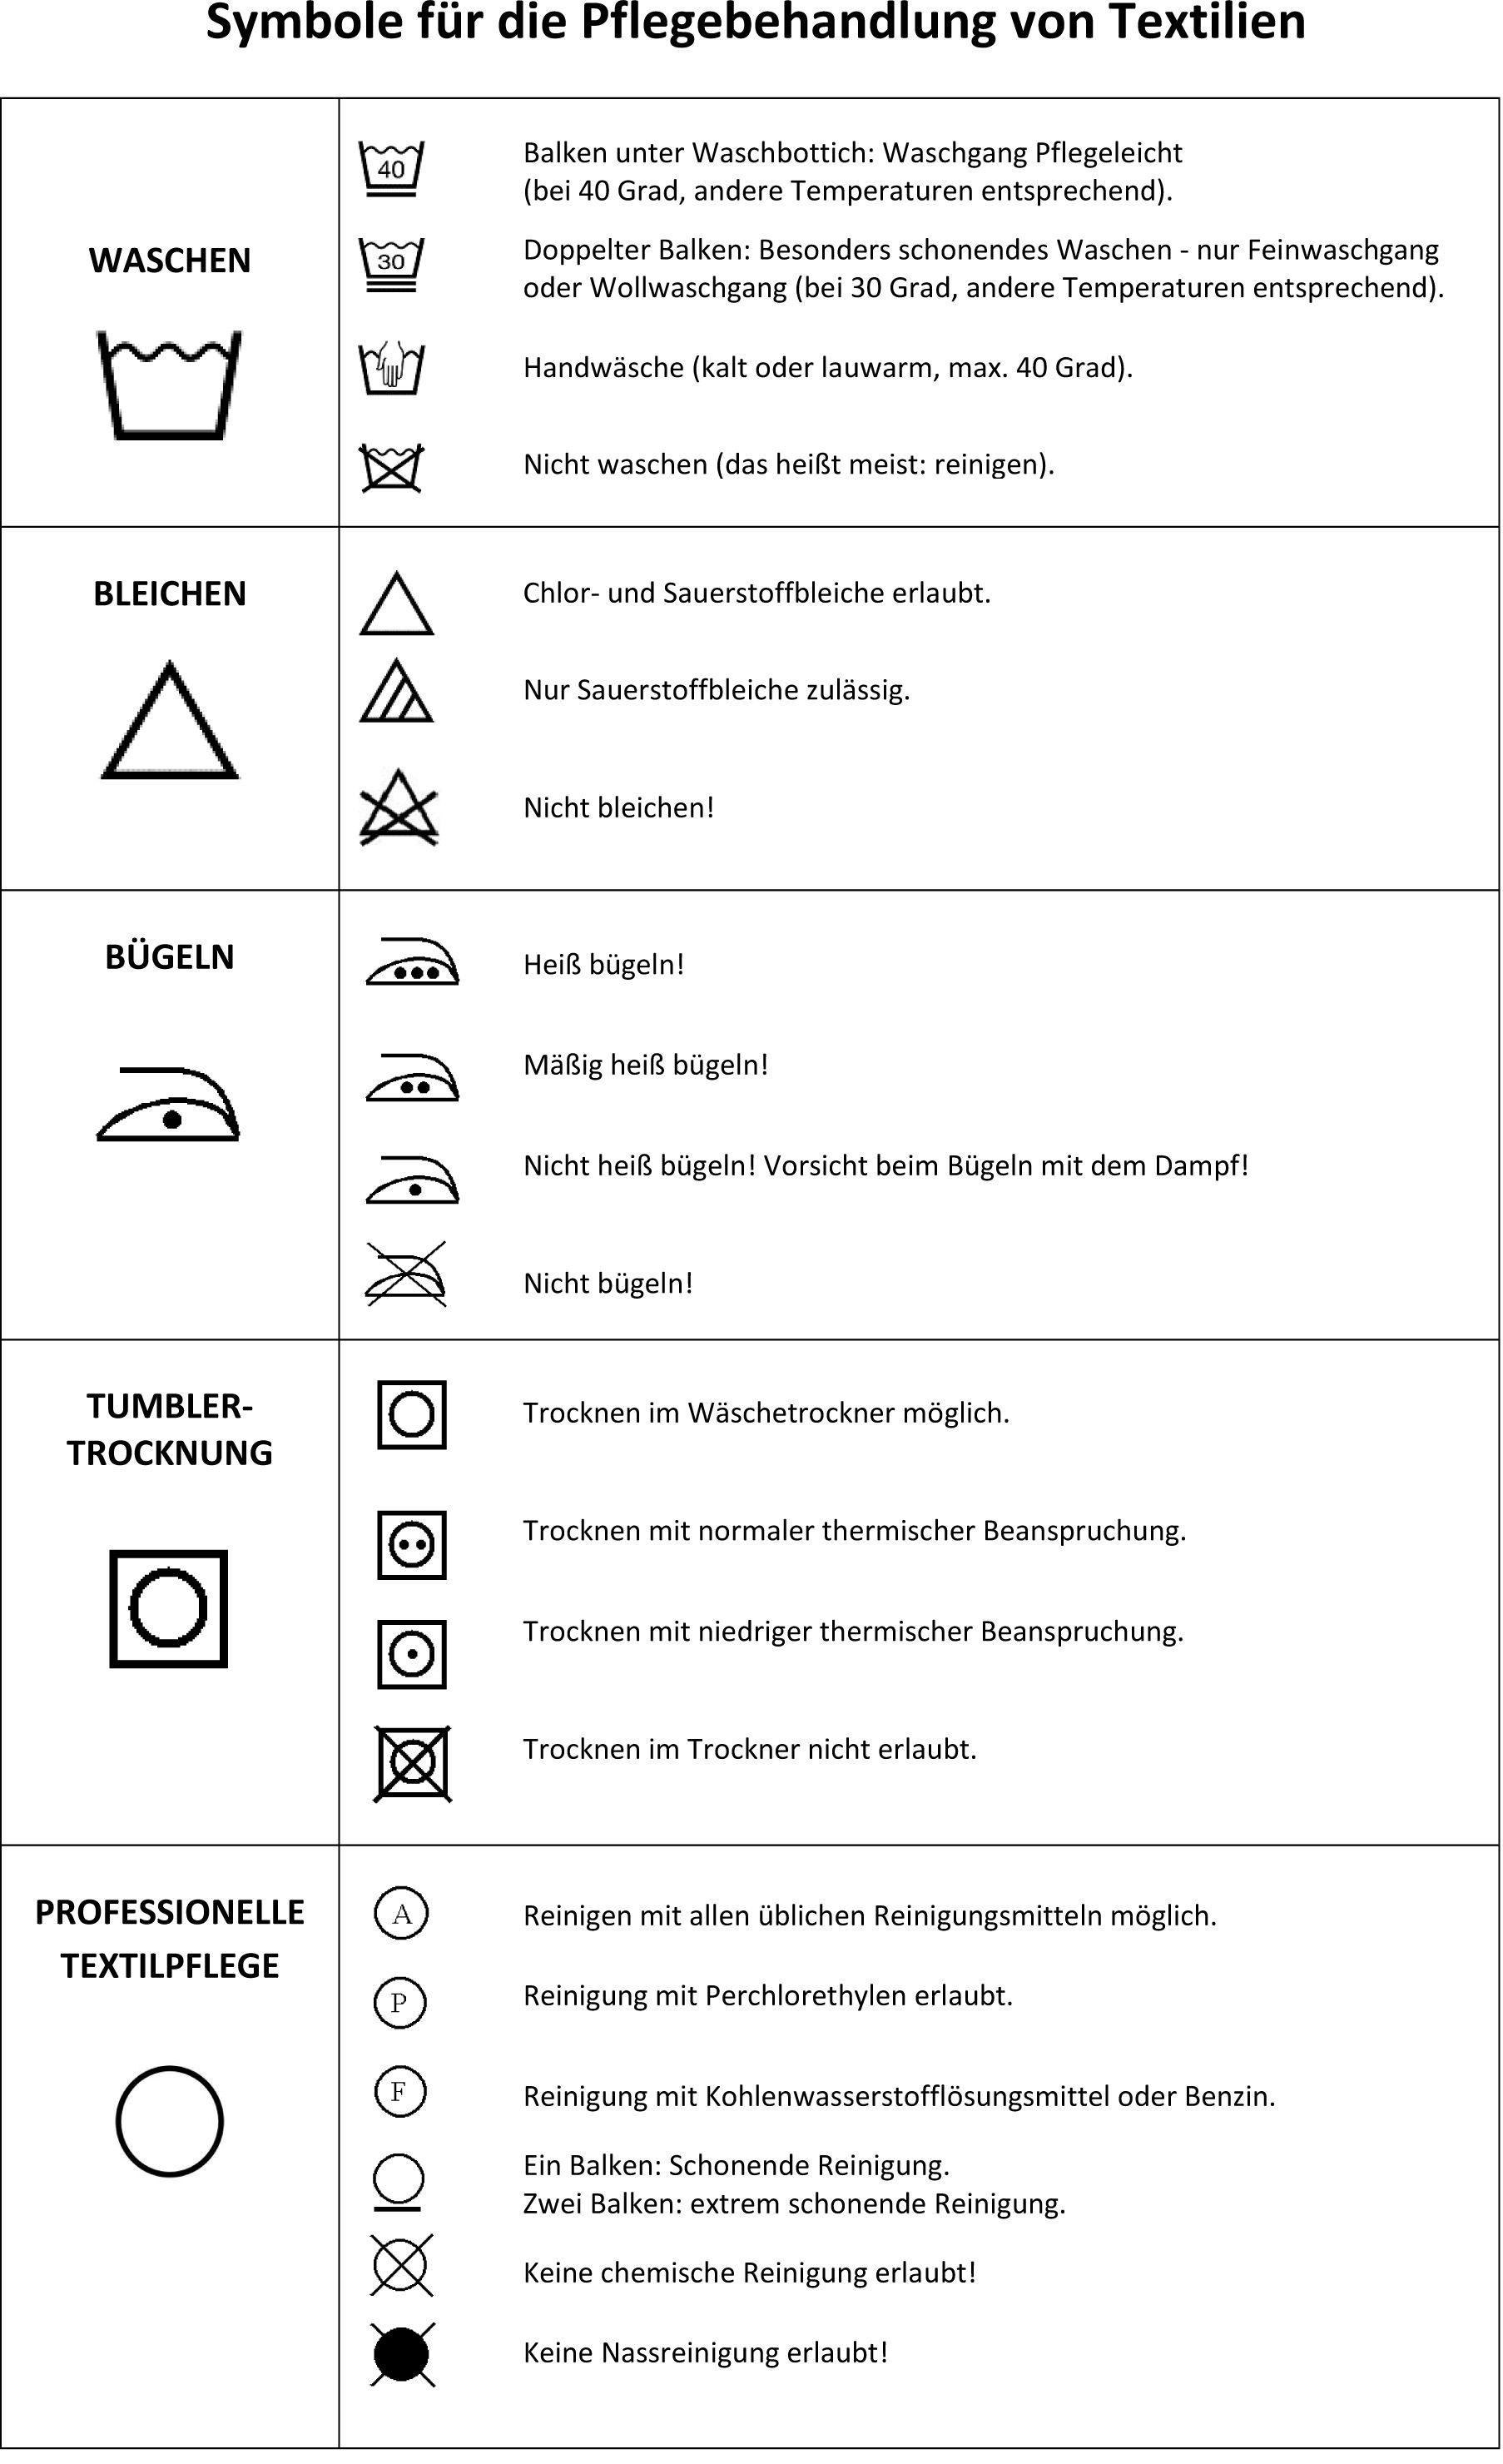 Symbole für die Pflegebehandlung von Textilienjpg 1806×2